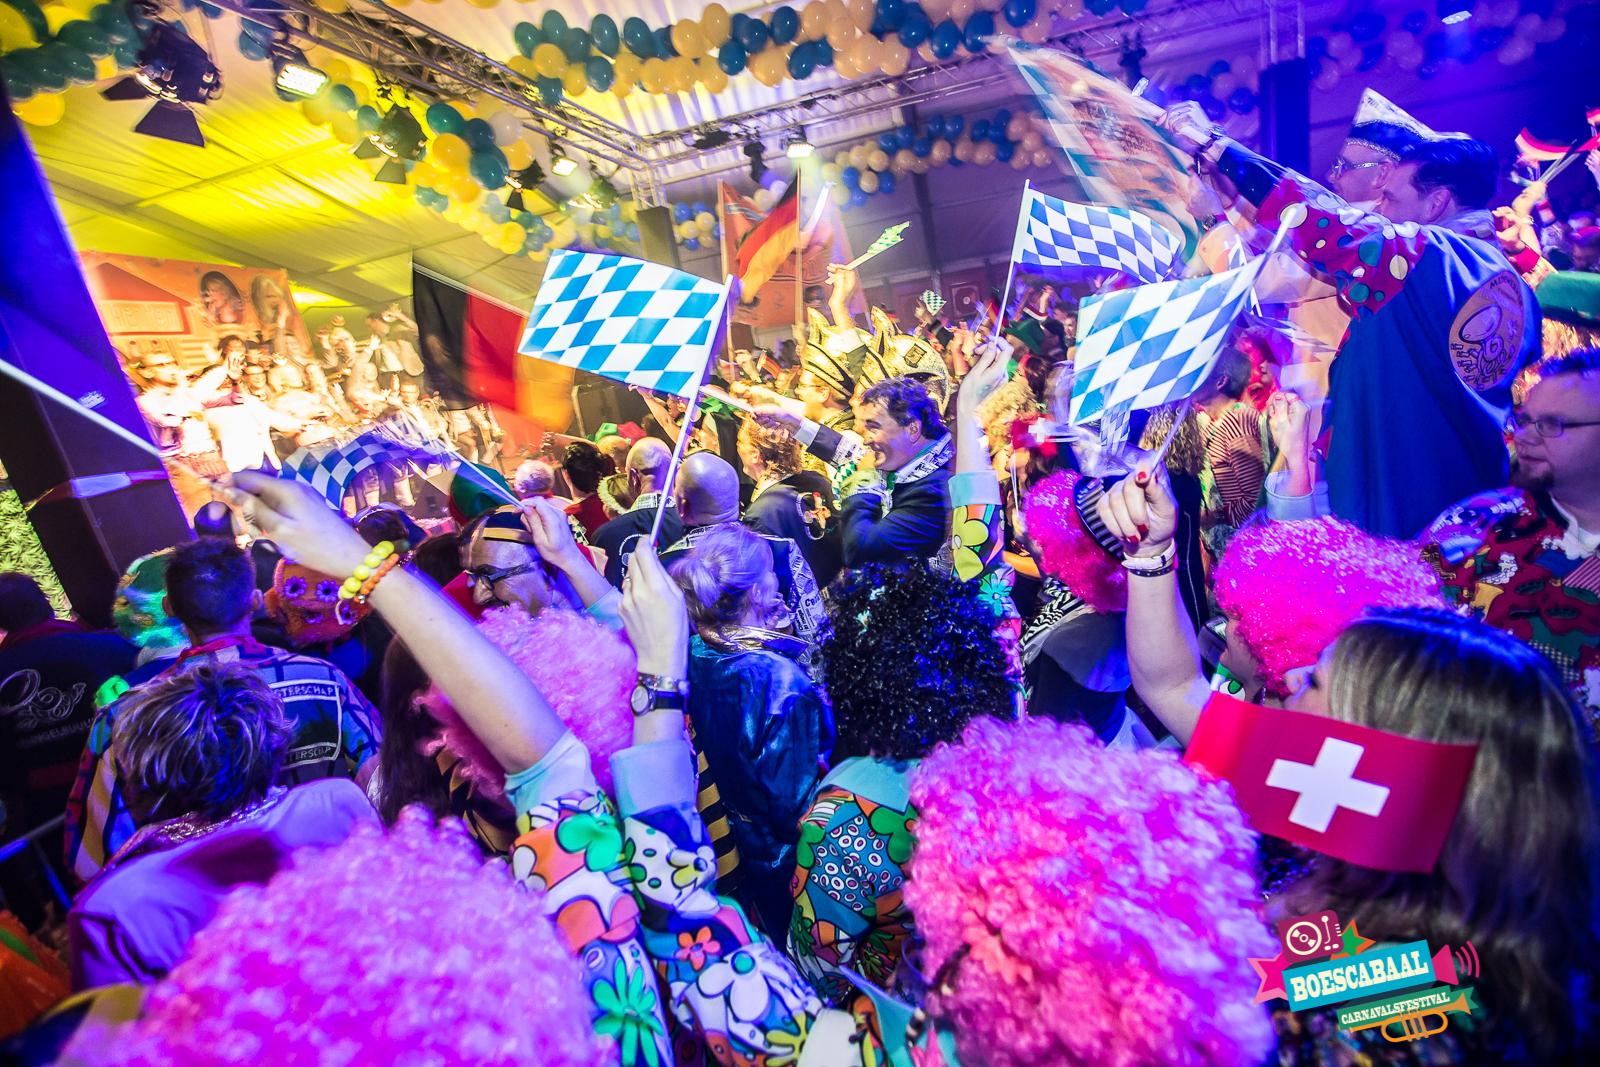 Boeskabaal is de opvolger van het kapellenfestival toeten en bloazen met DJ Tiroler muziek en blaaskapellen